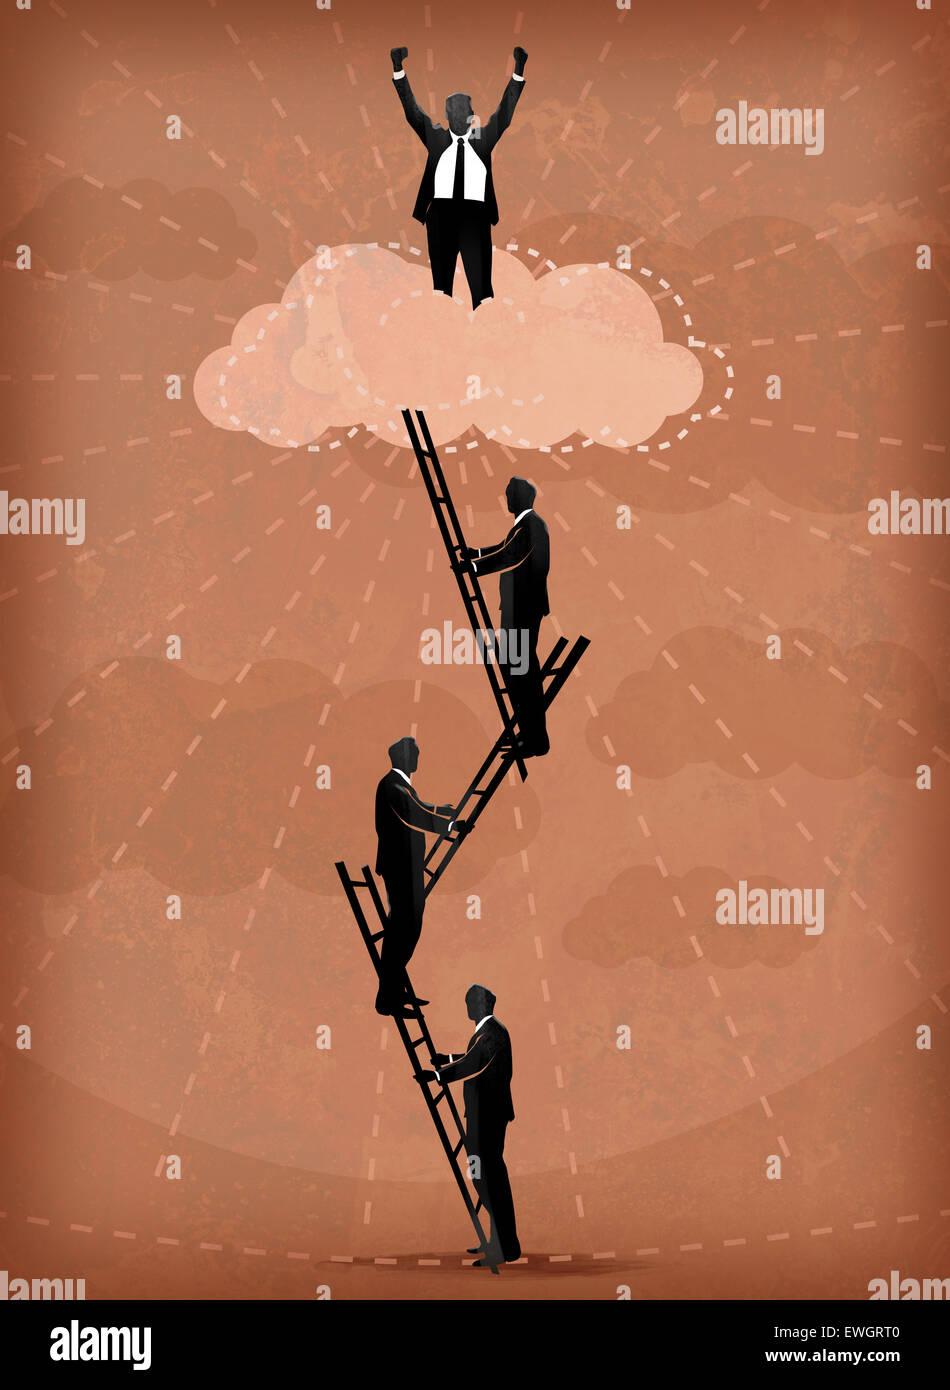 Illustrazione della gente di affari scale a pioli Immagini Stock